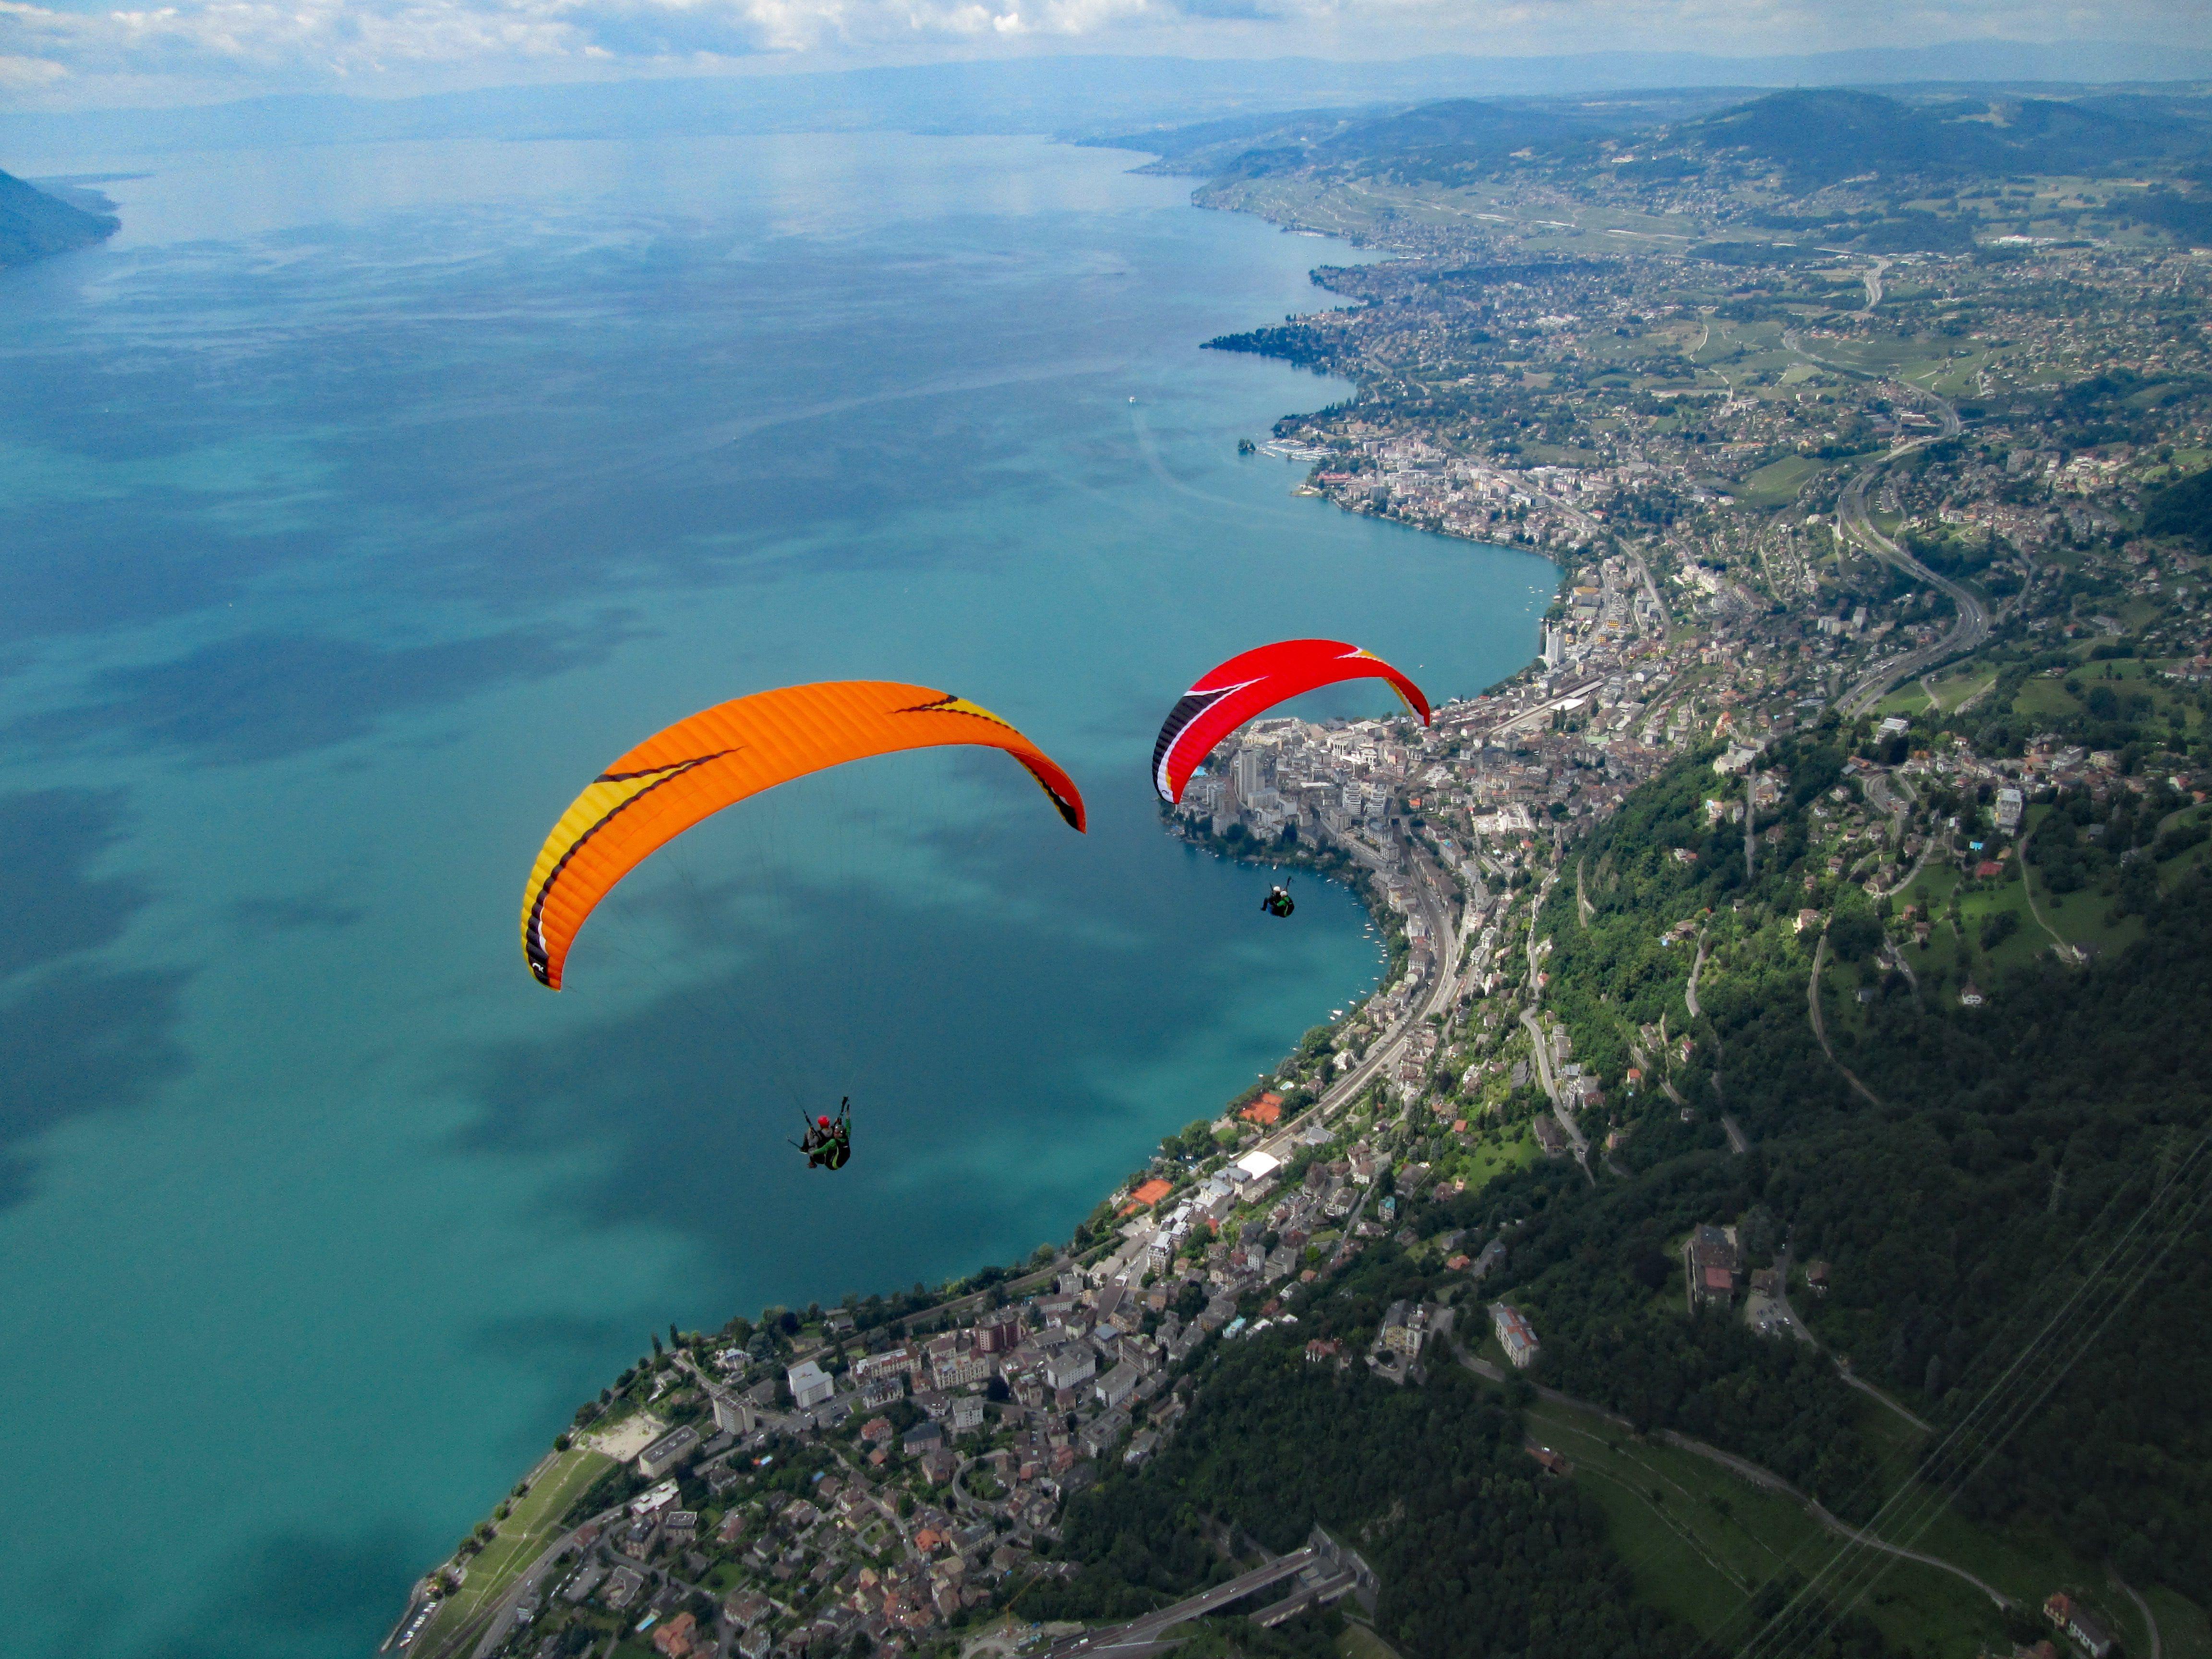 vol au dessus de l'eau en parapente